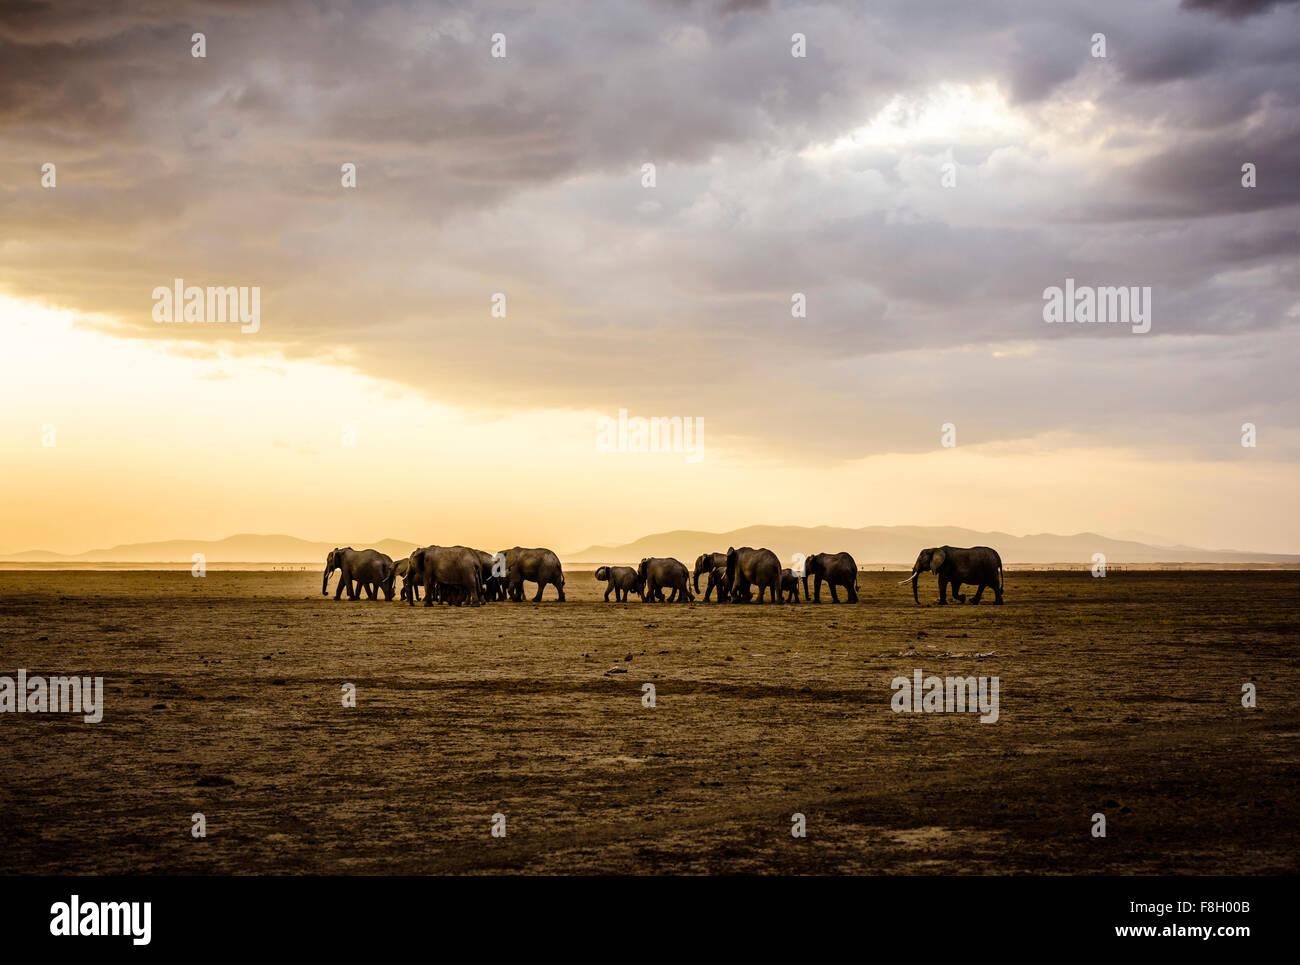 Herde von Elefanten in der Savannenlandschaft Stockbild